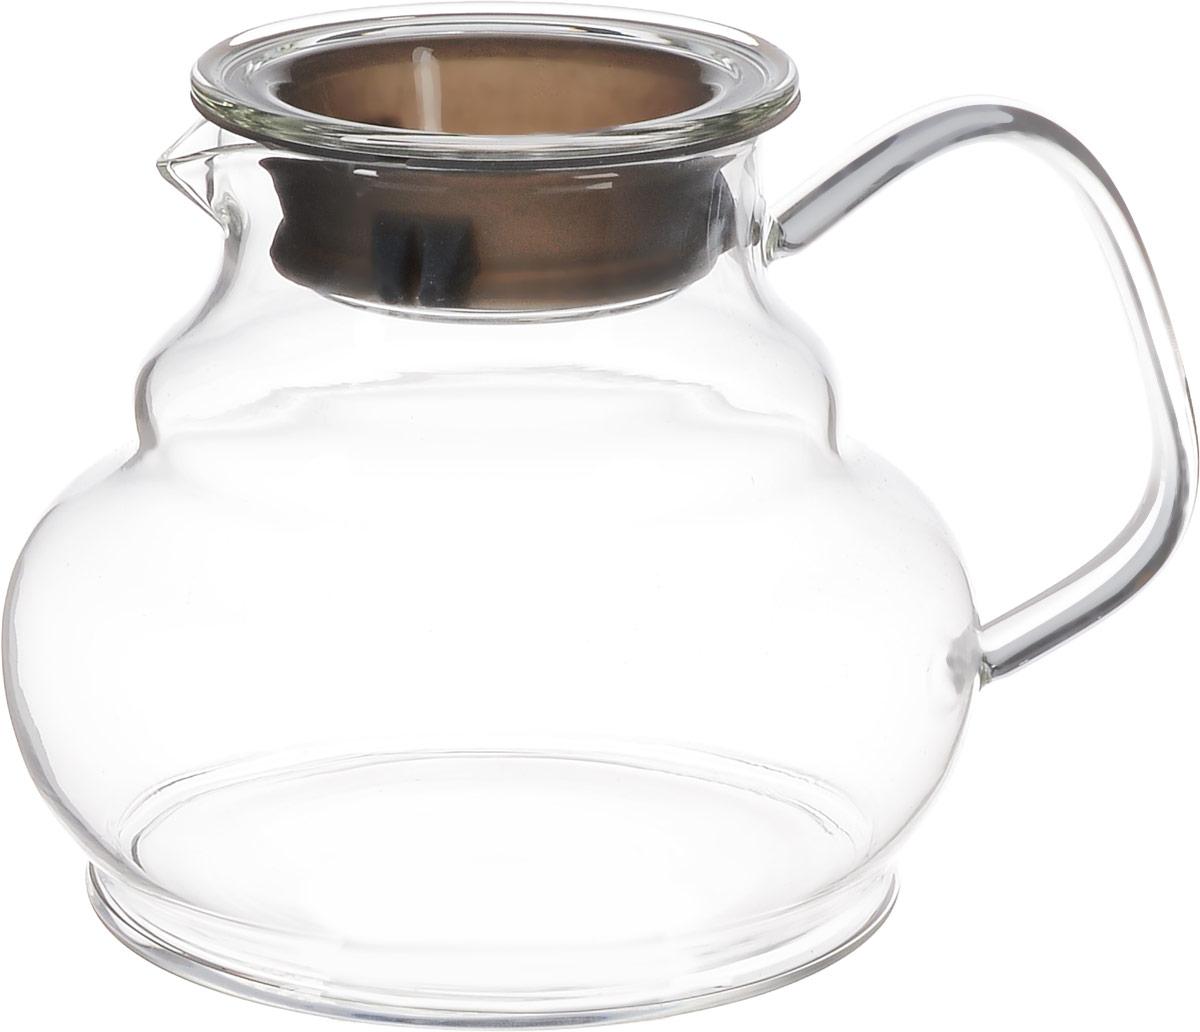 Чайник заварочный Hunan Provincial Мори, 900 мл15050Заварочный чайник Hunan Provincial Мори изготовлен из стекла. Этот чайник радует глаз своей оригинальной формой. Удобная ручка позволяет крепко держать чайник в руке. Крышка с силиконовой вставкой уберегает от ожогов.Диаметр чайника (по верхнему краю): 7,5 см.Высота чайника (без крышки): 11 см.